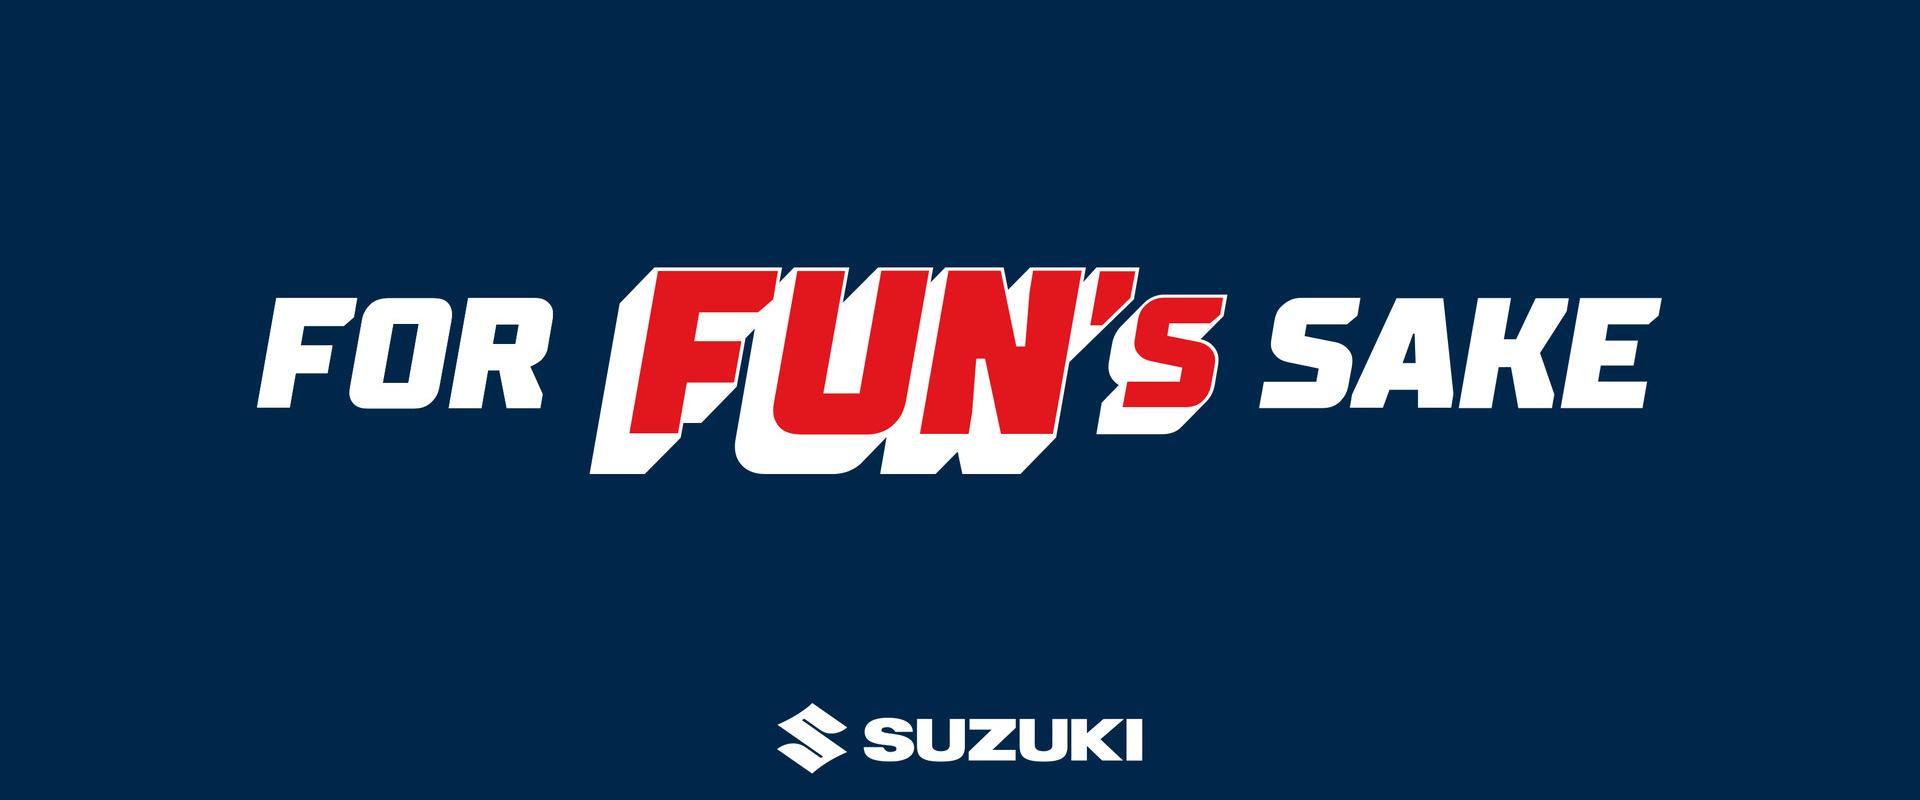 GardnerSuzuki-ForfunsakeRed